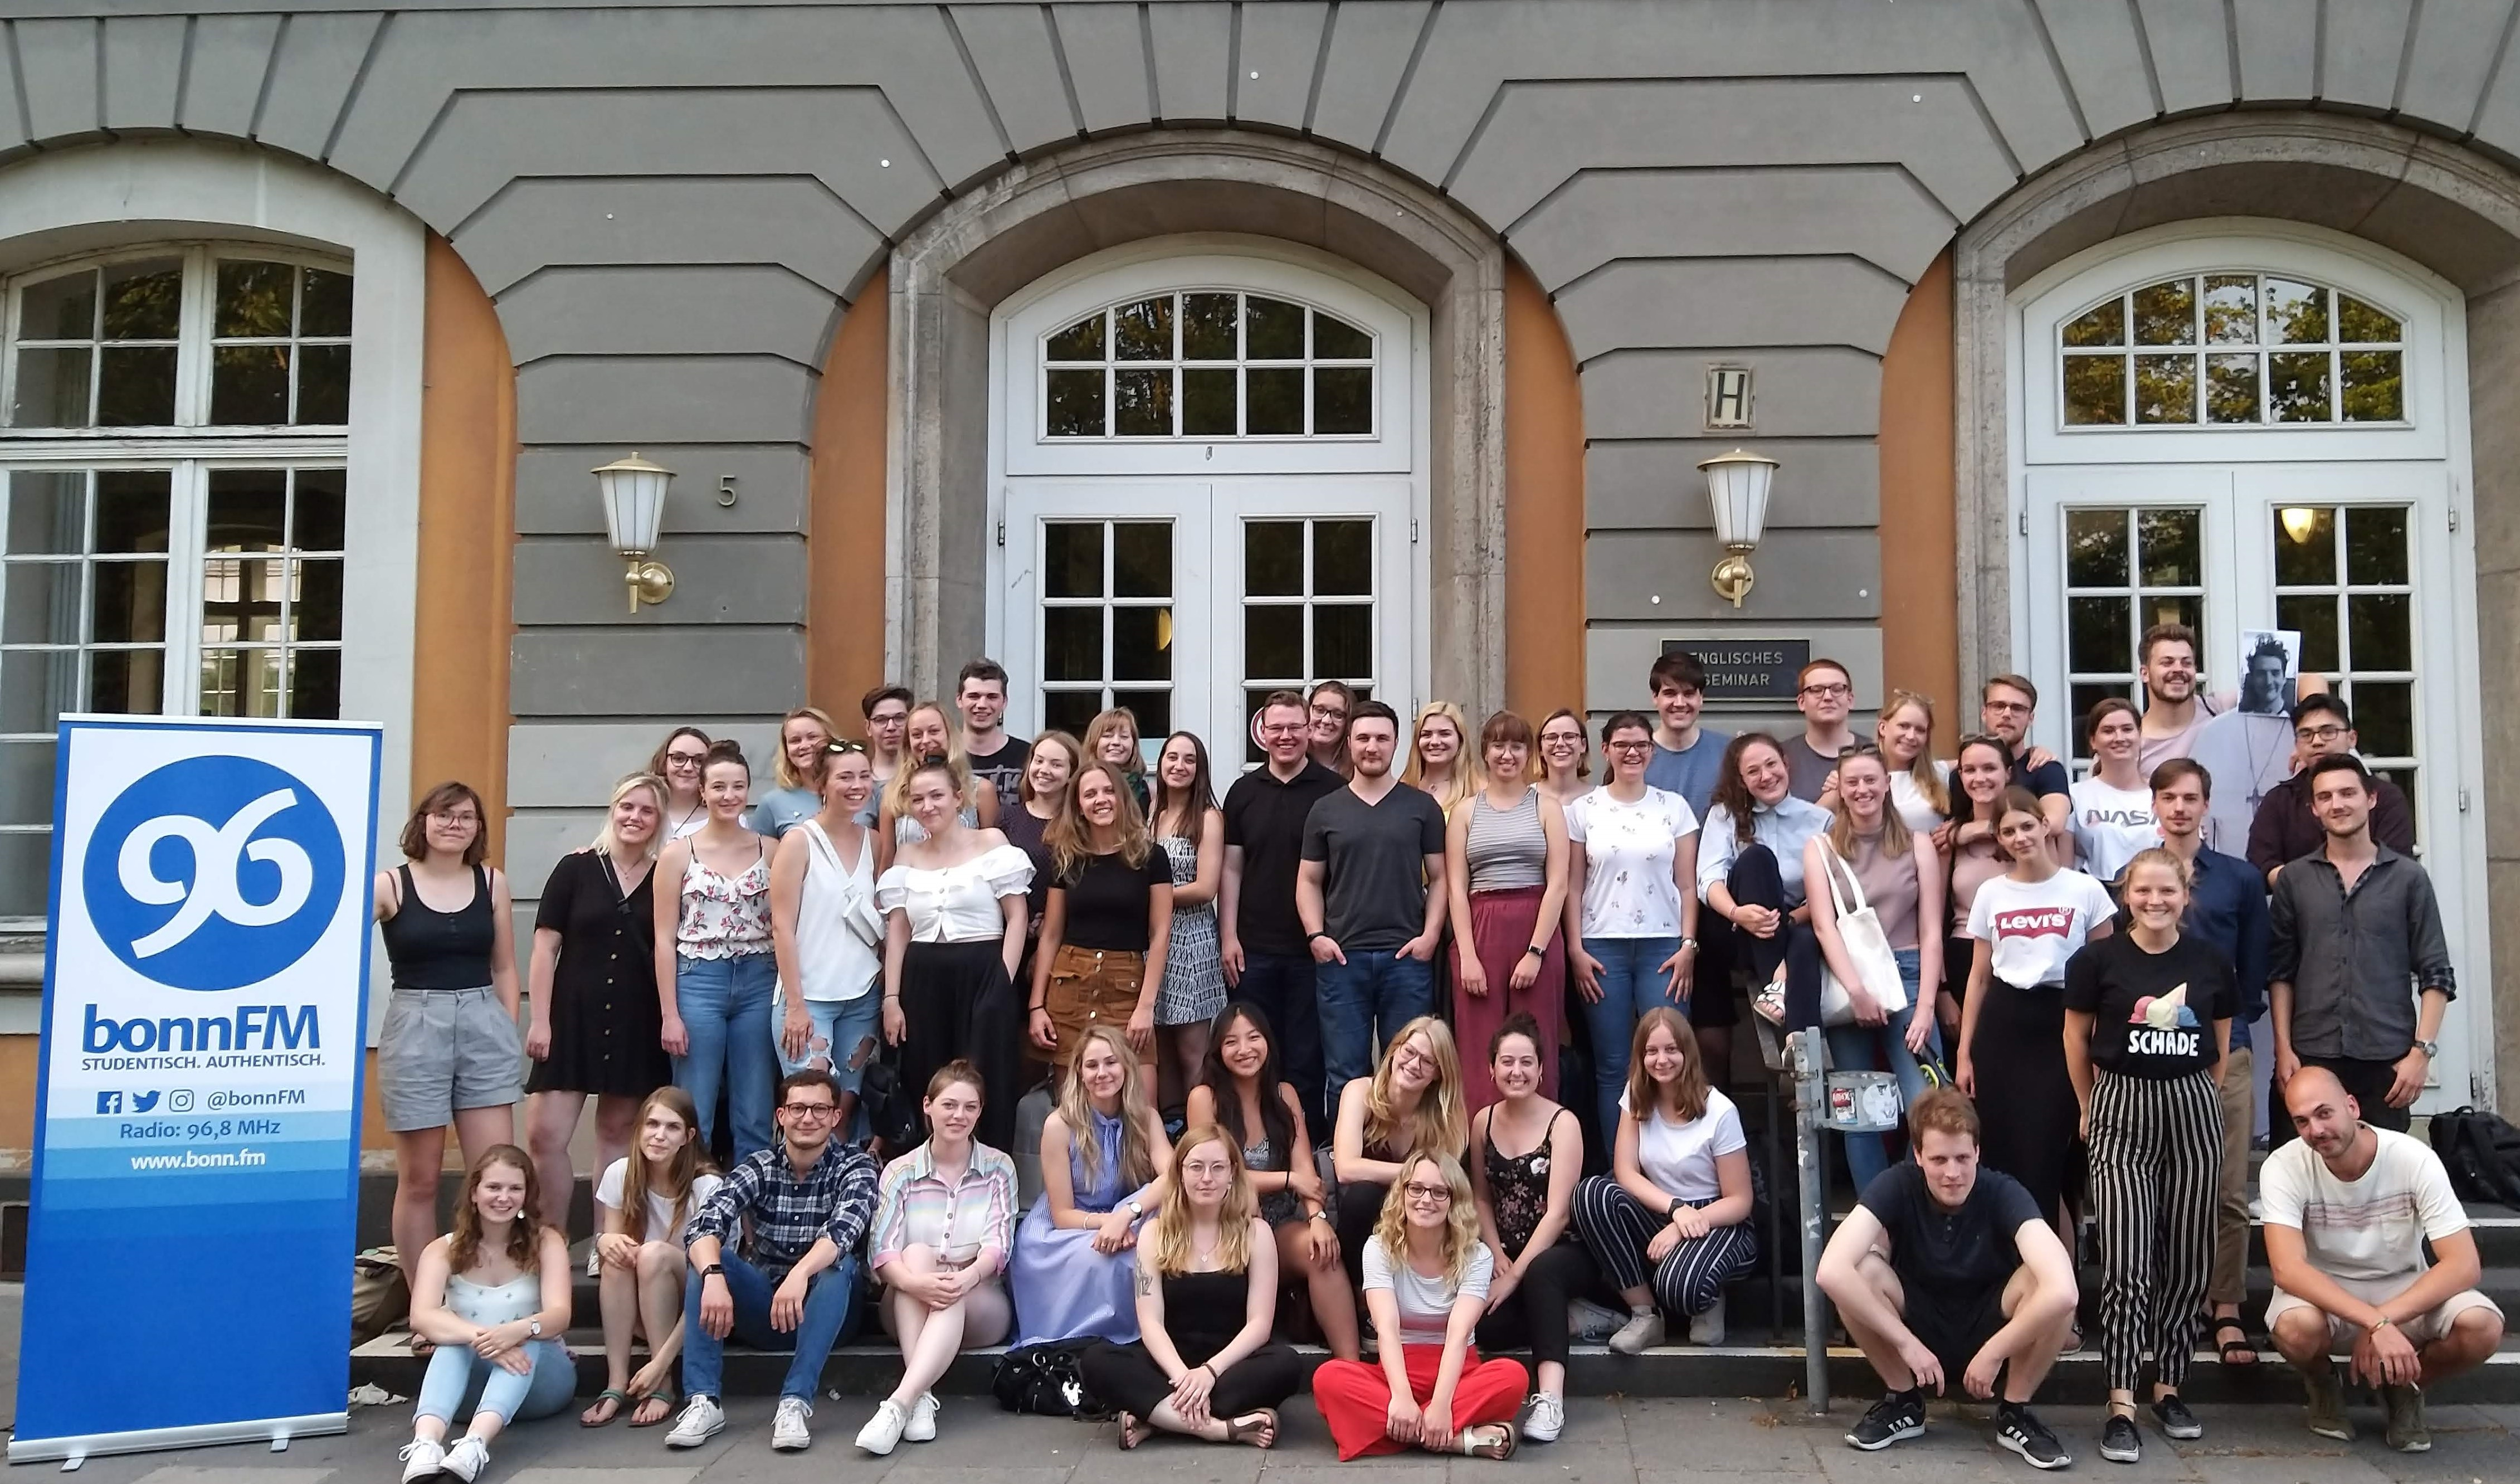 Das bonnFM-Team